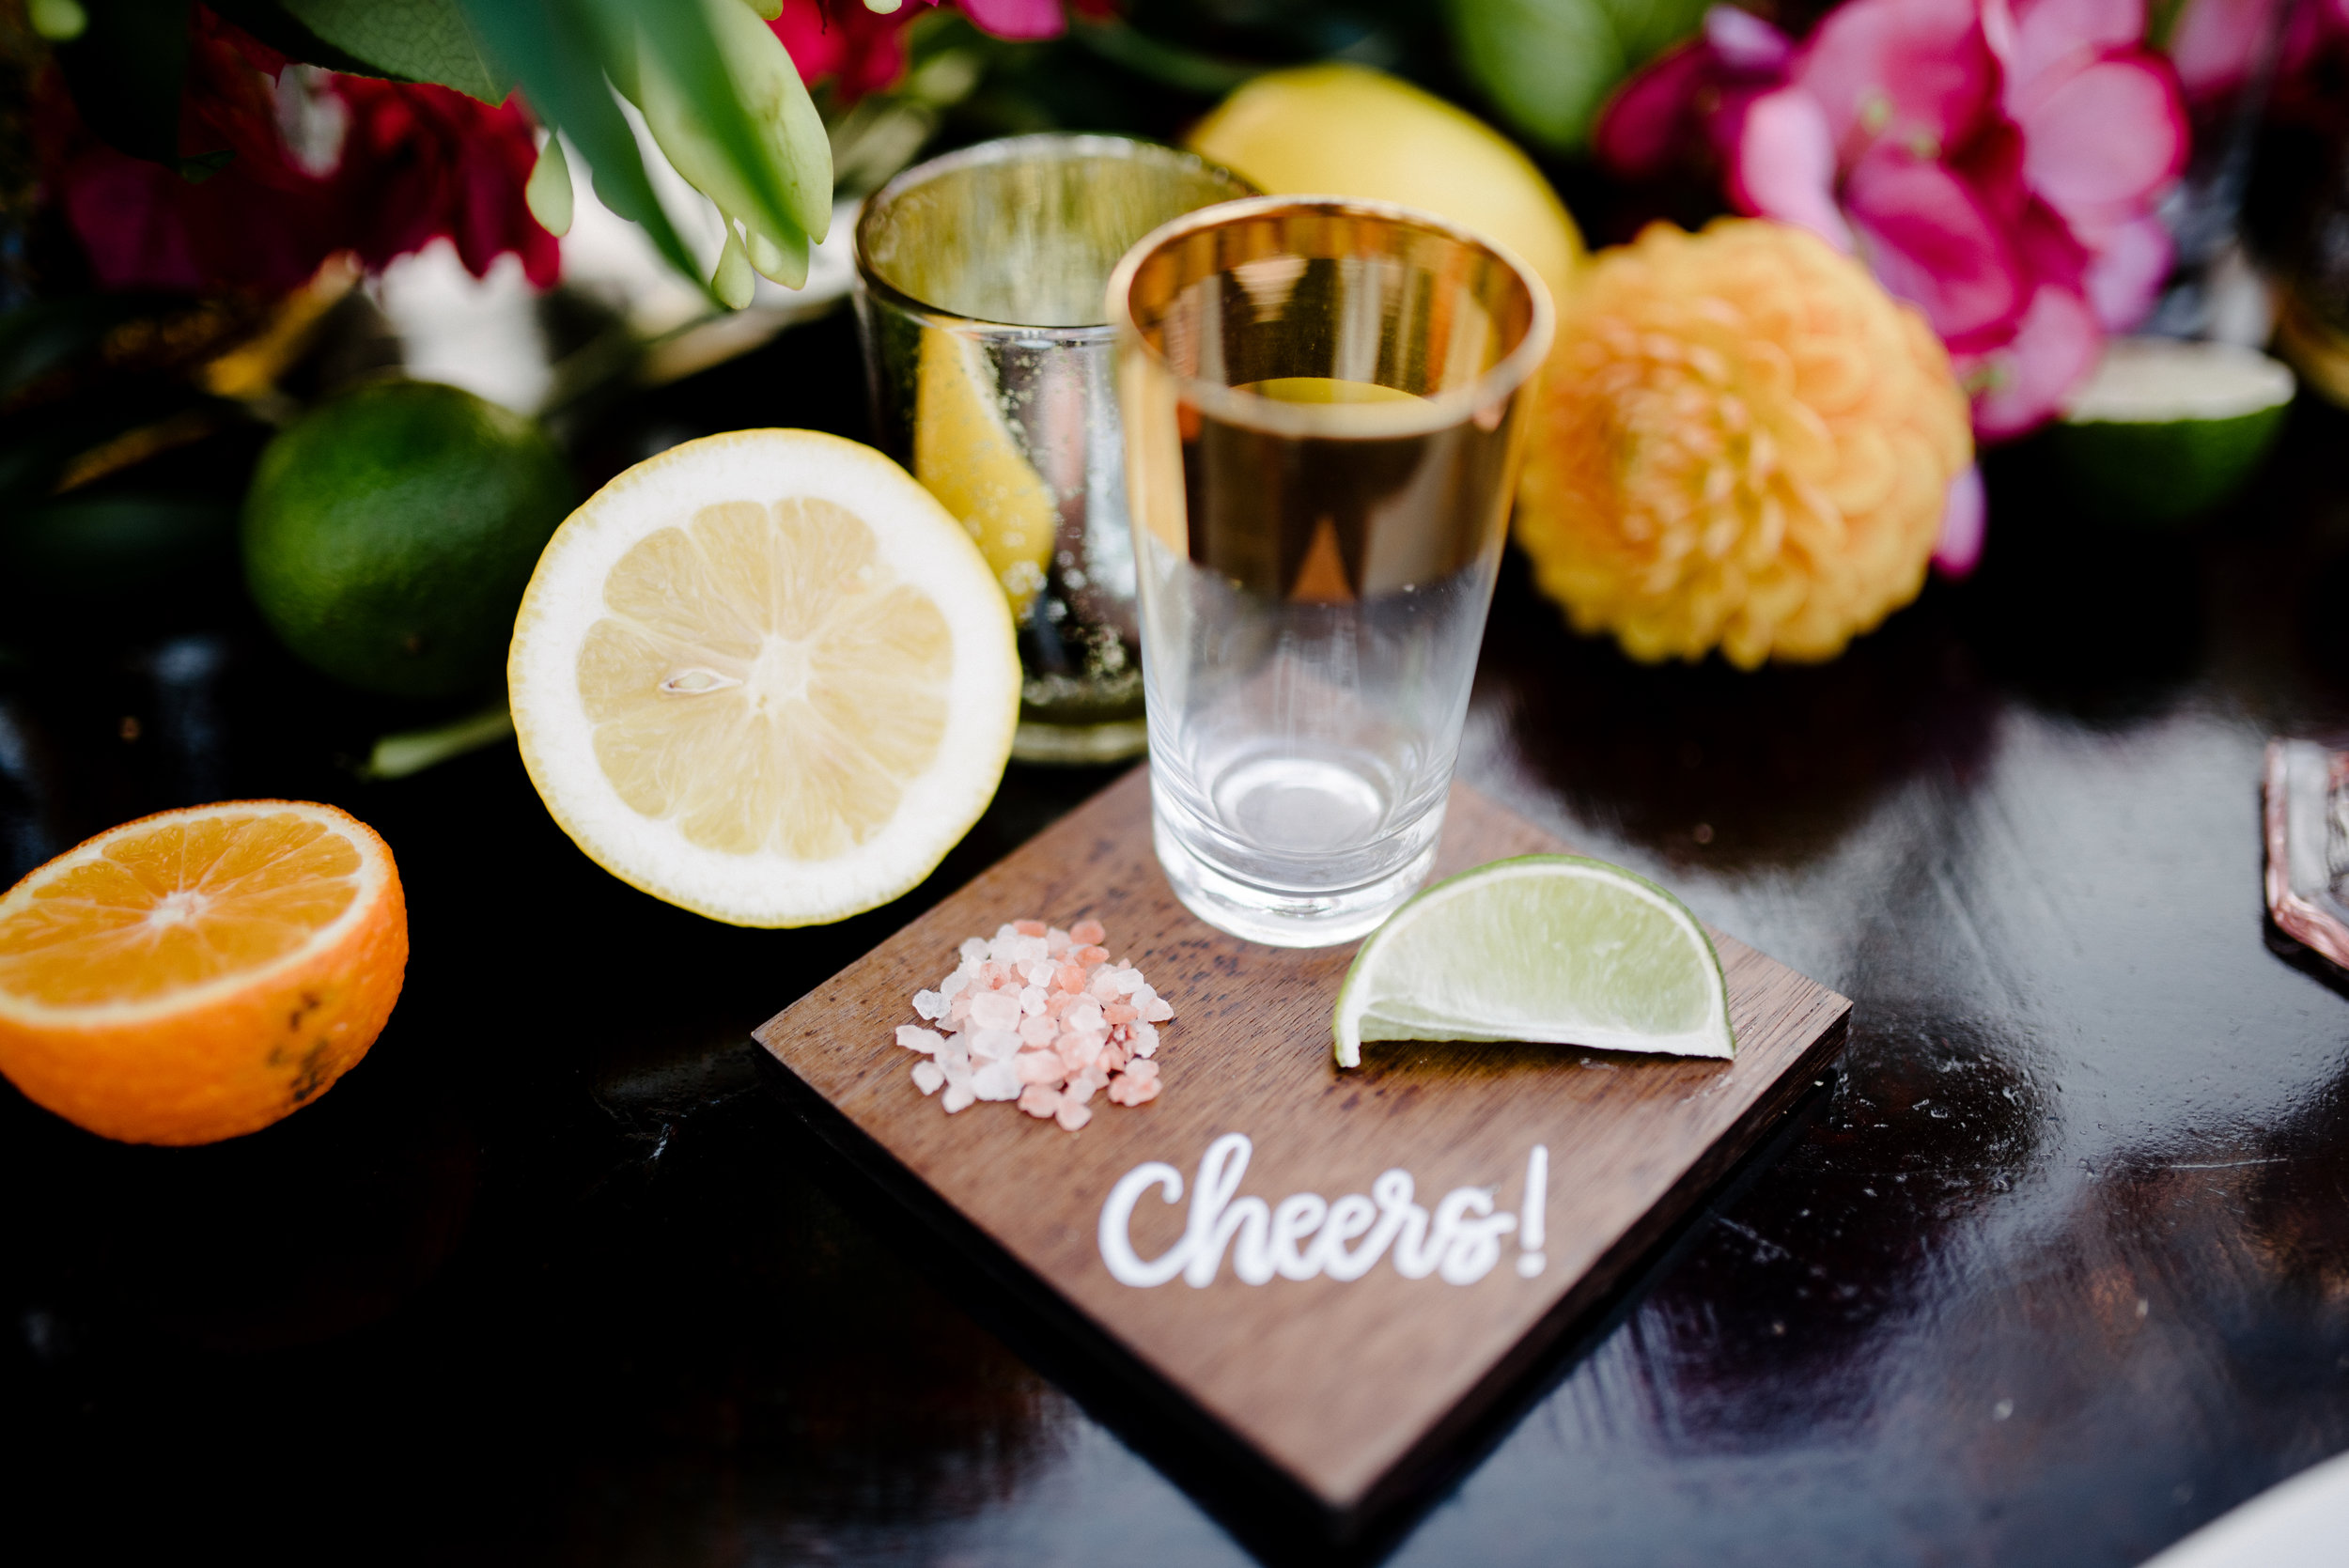 custom name card shot glass